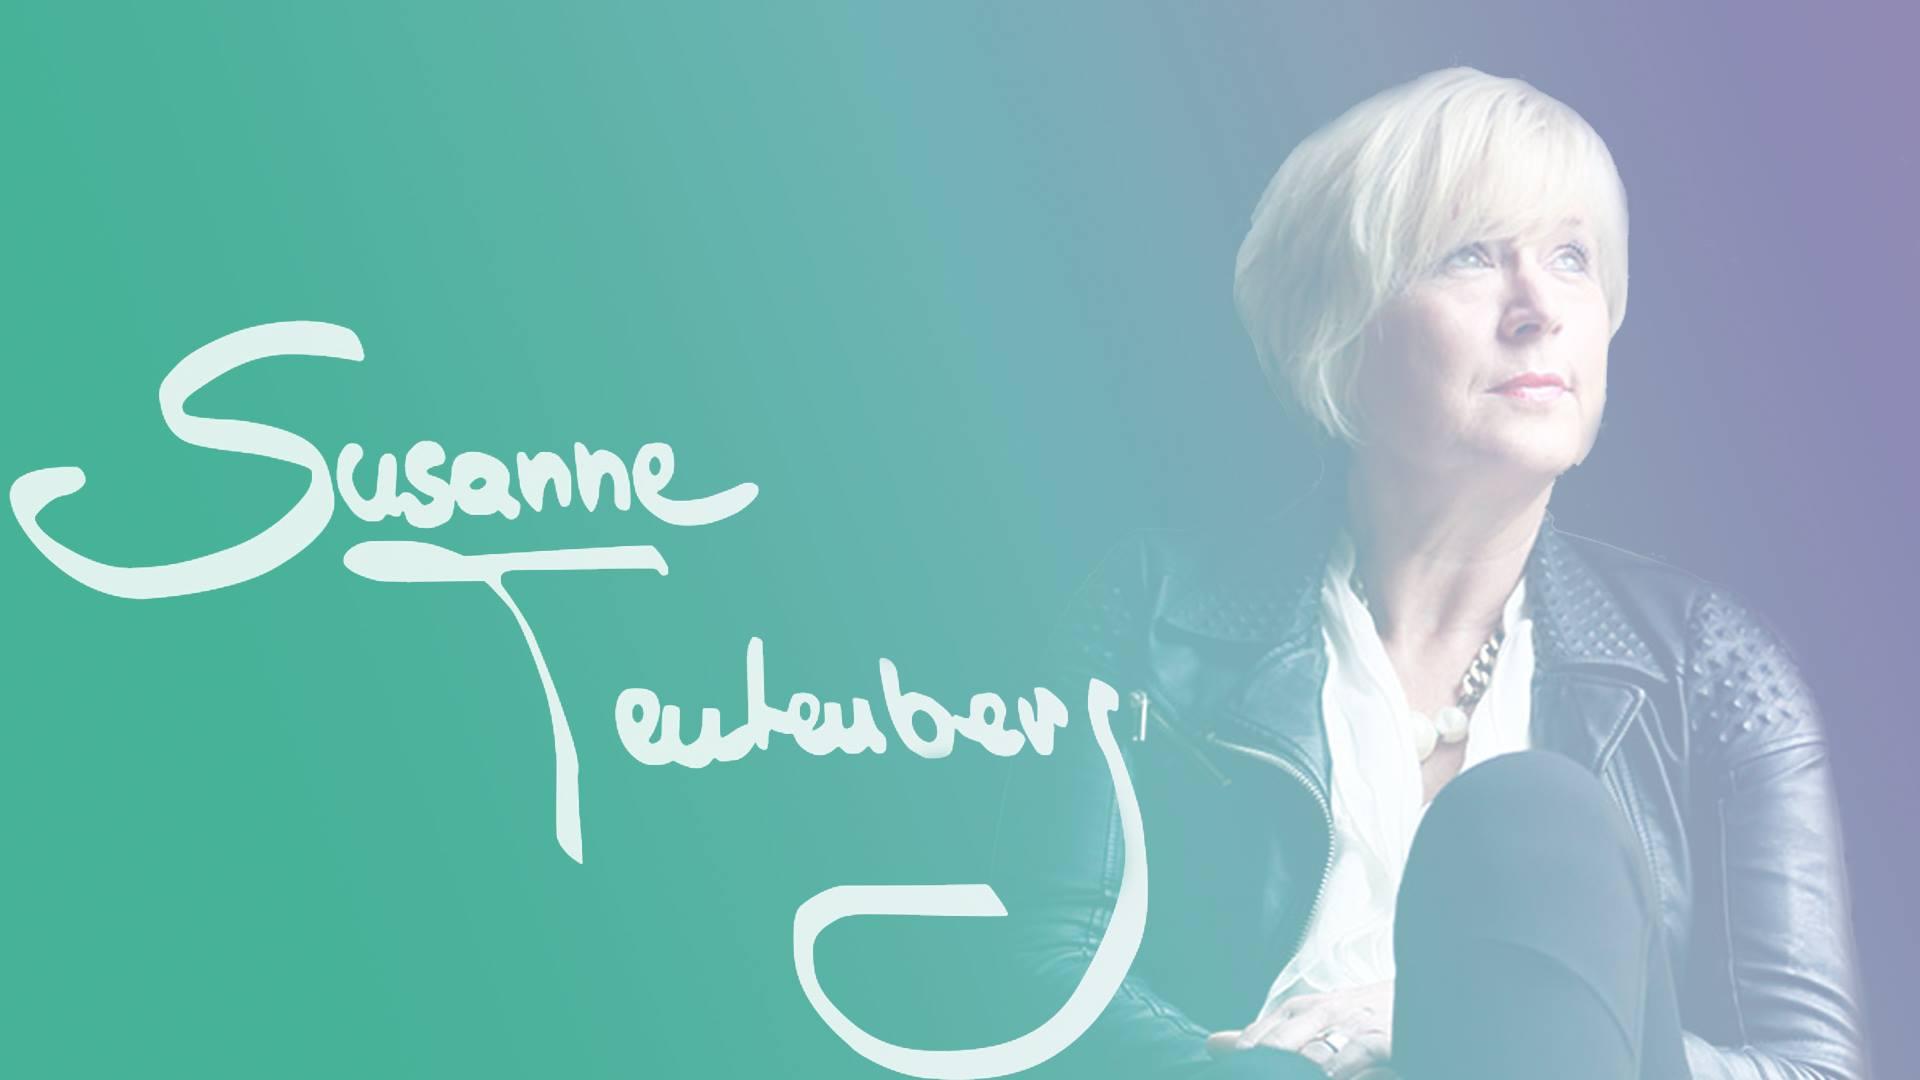 Susanne Teutenberg